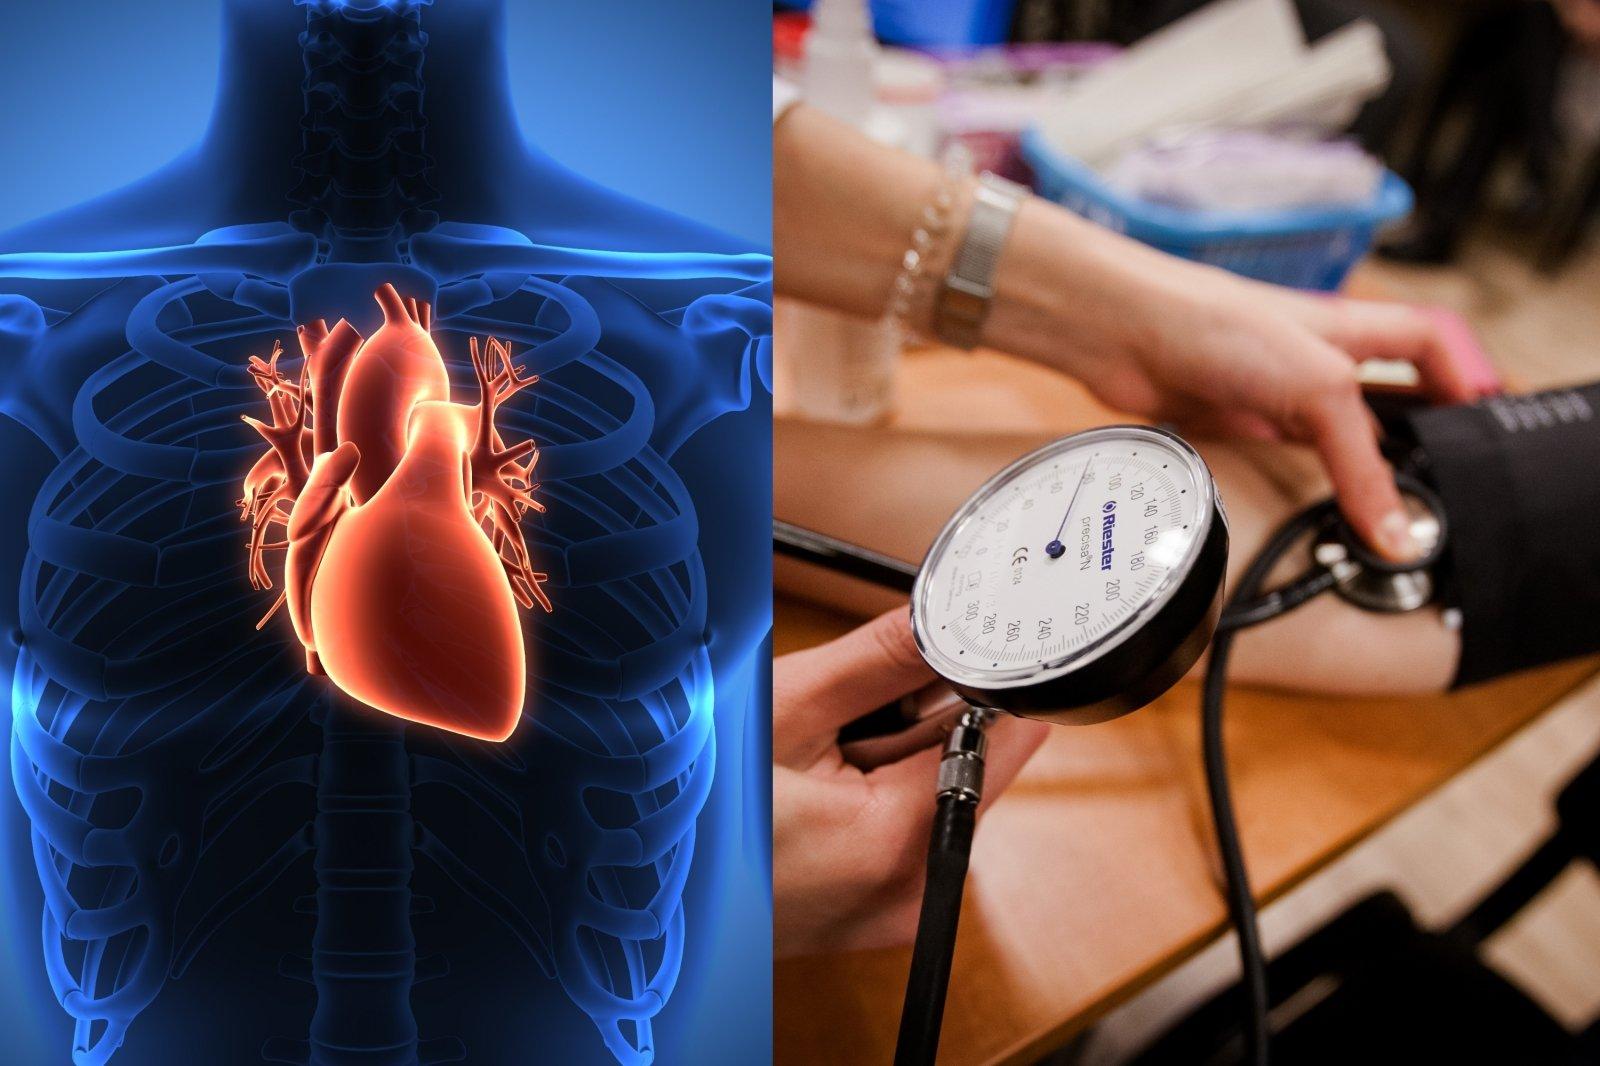 Kokia juosmens apimtis rodo padidėjusią širdies ligų riziką?